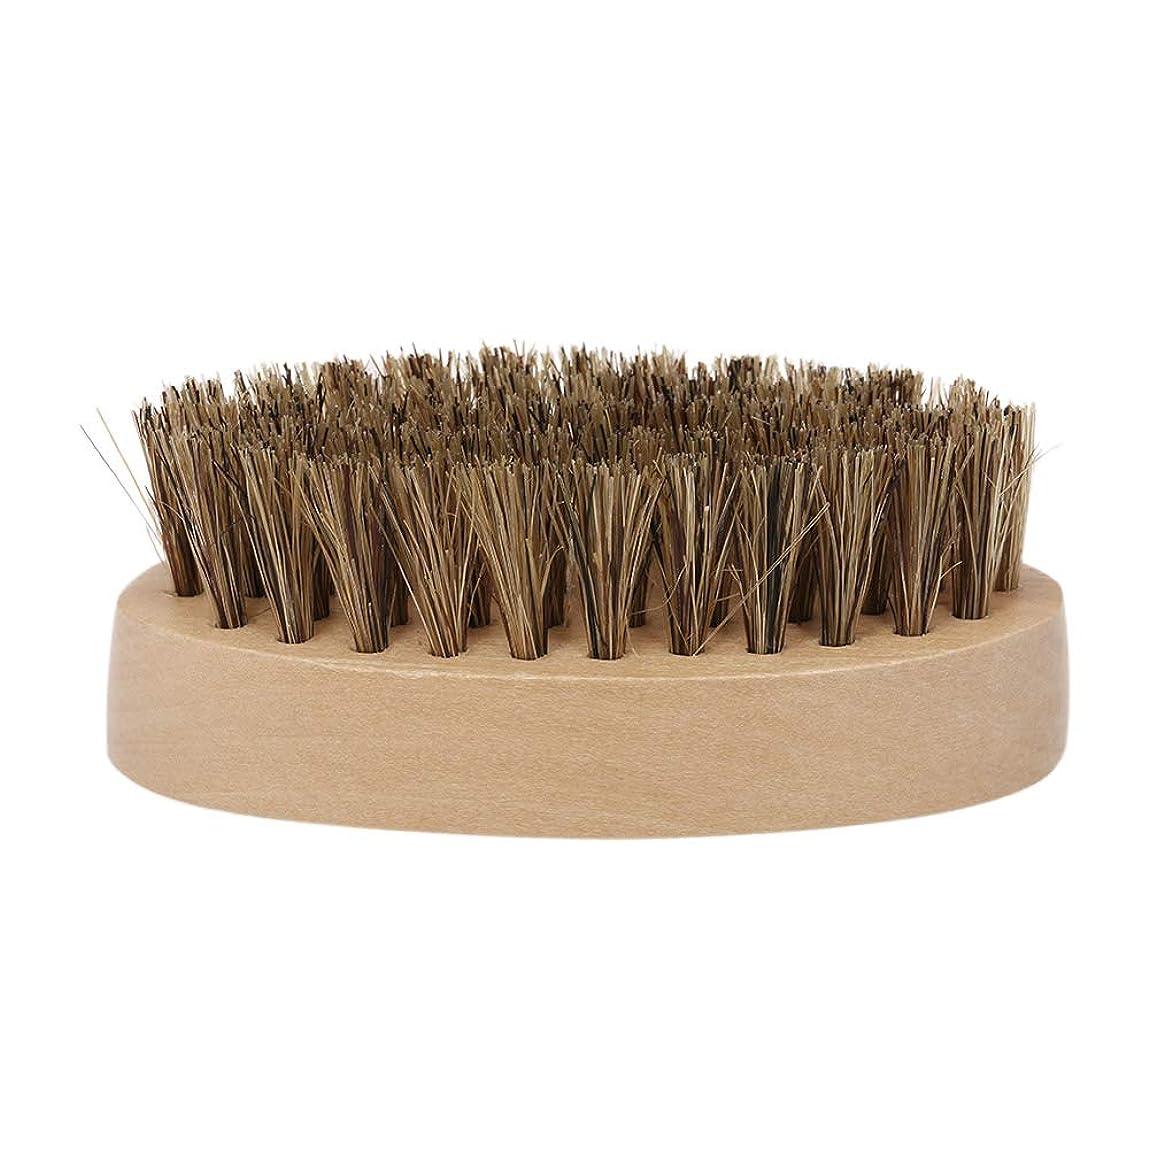 準備ができて学んだ再発するDecdeal ひげブラシ シェービングブラシ メンズ用 ポータブル 木製 剃りグルーミングツール